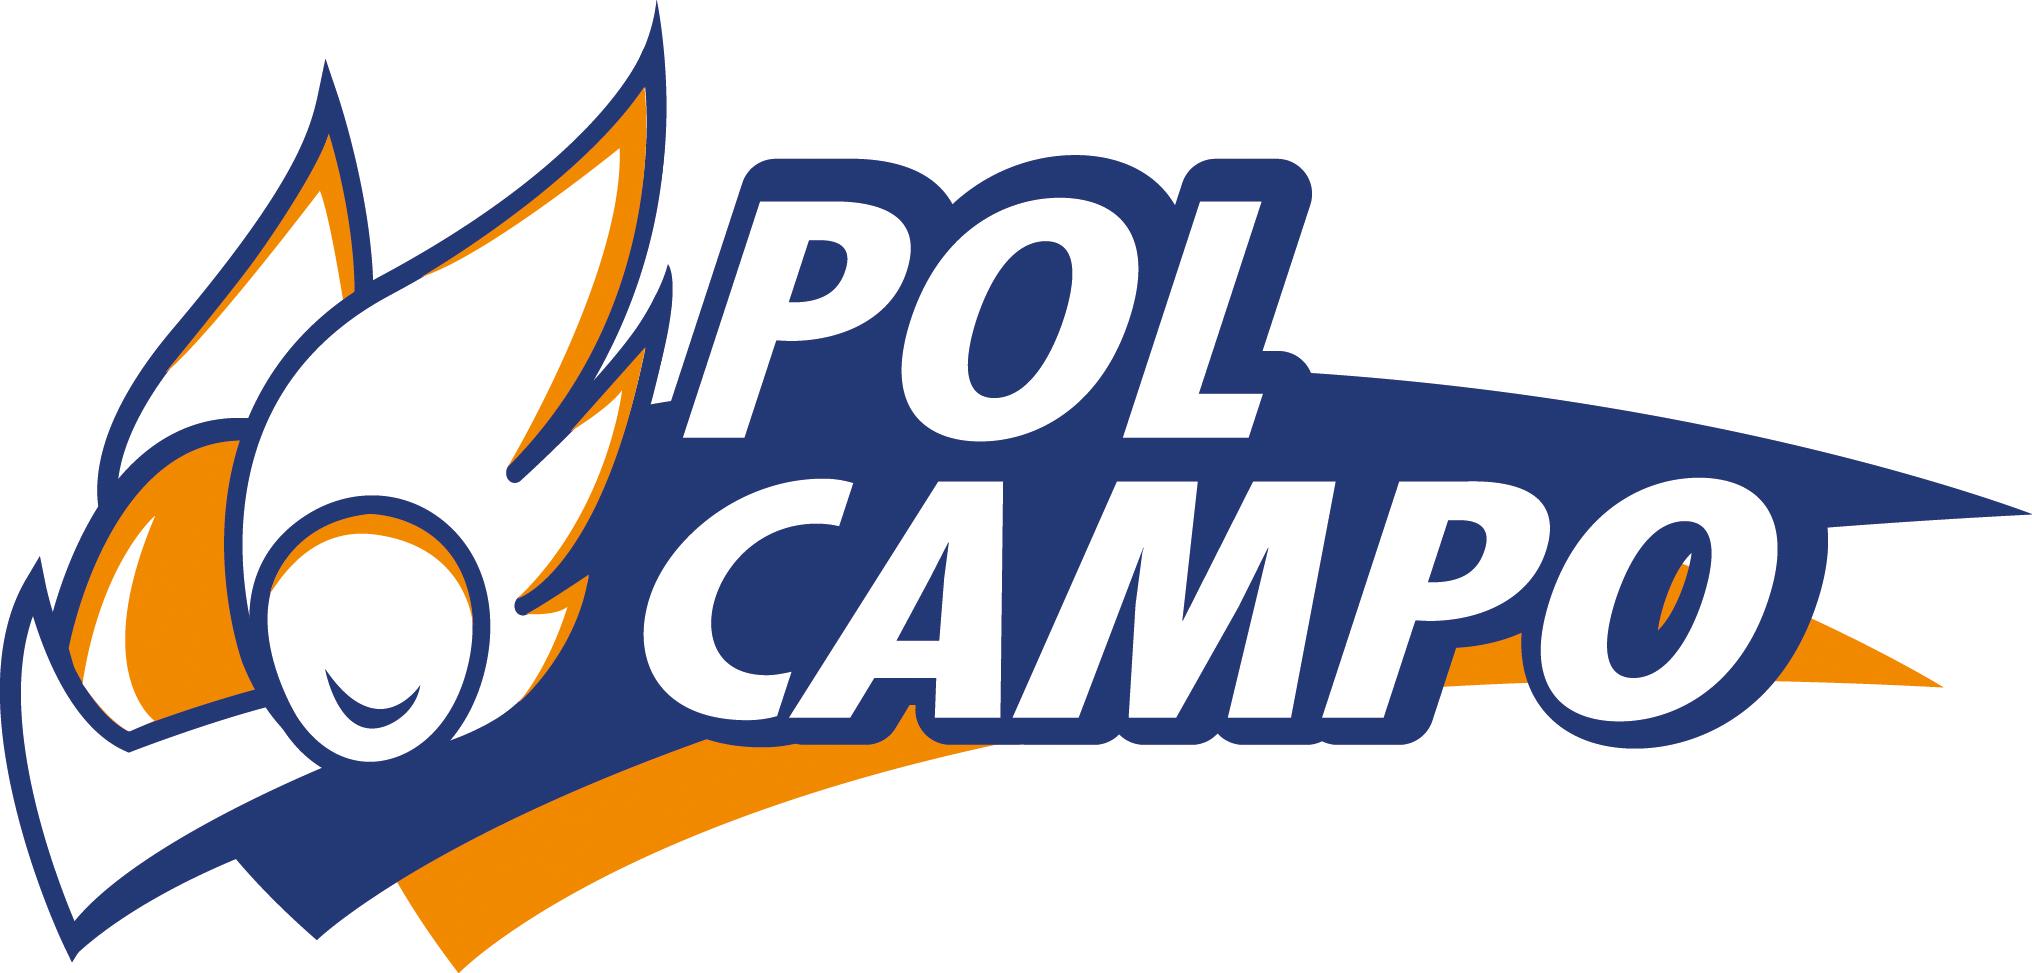 Circolo Polisportiva Campogalliano